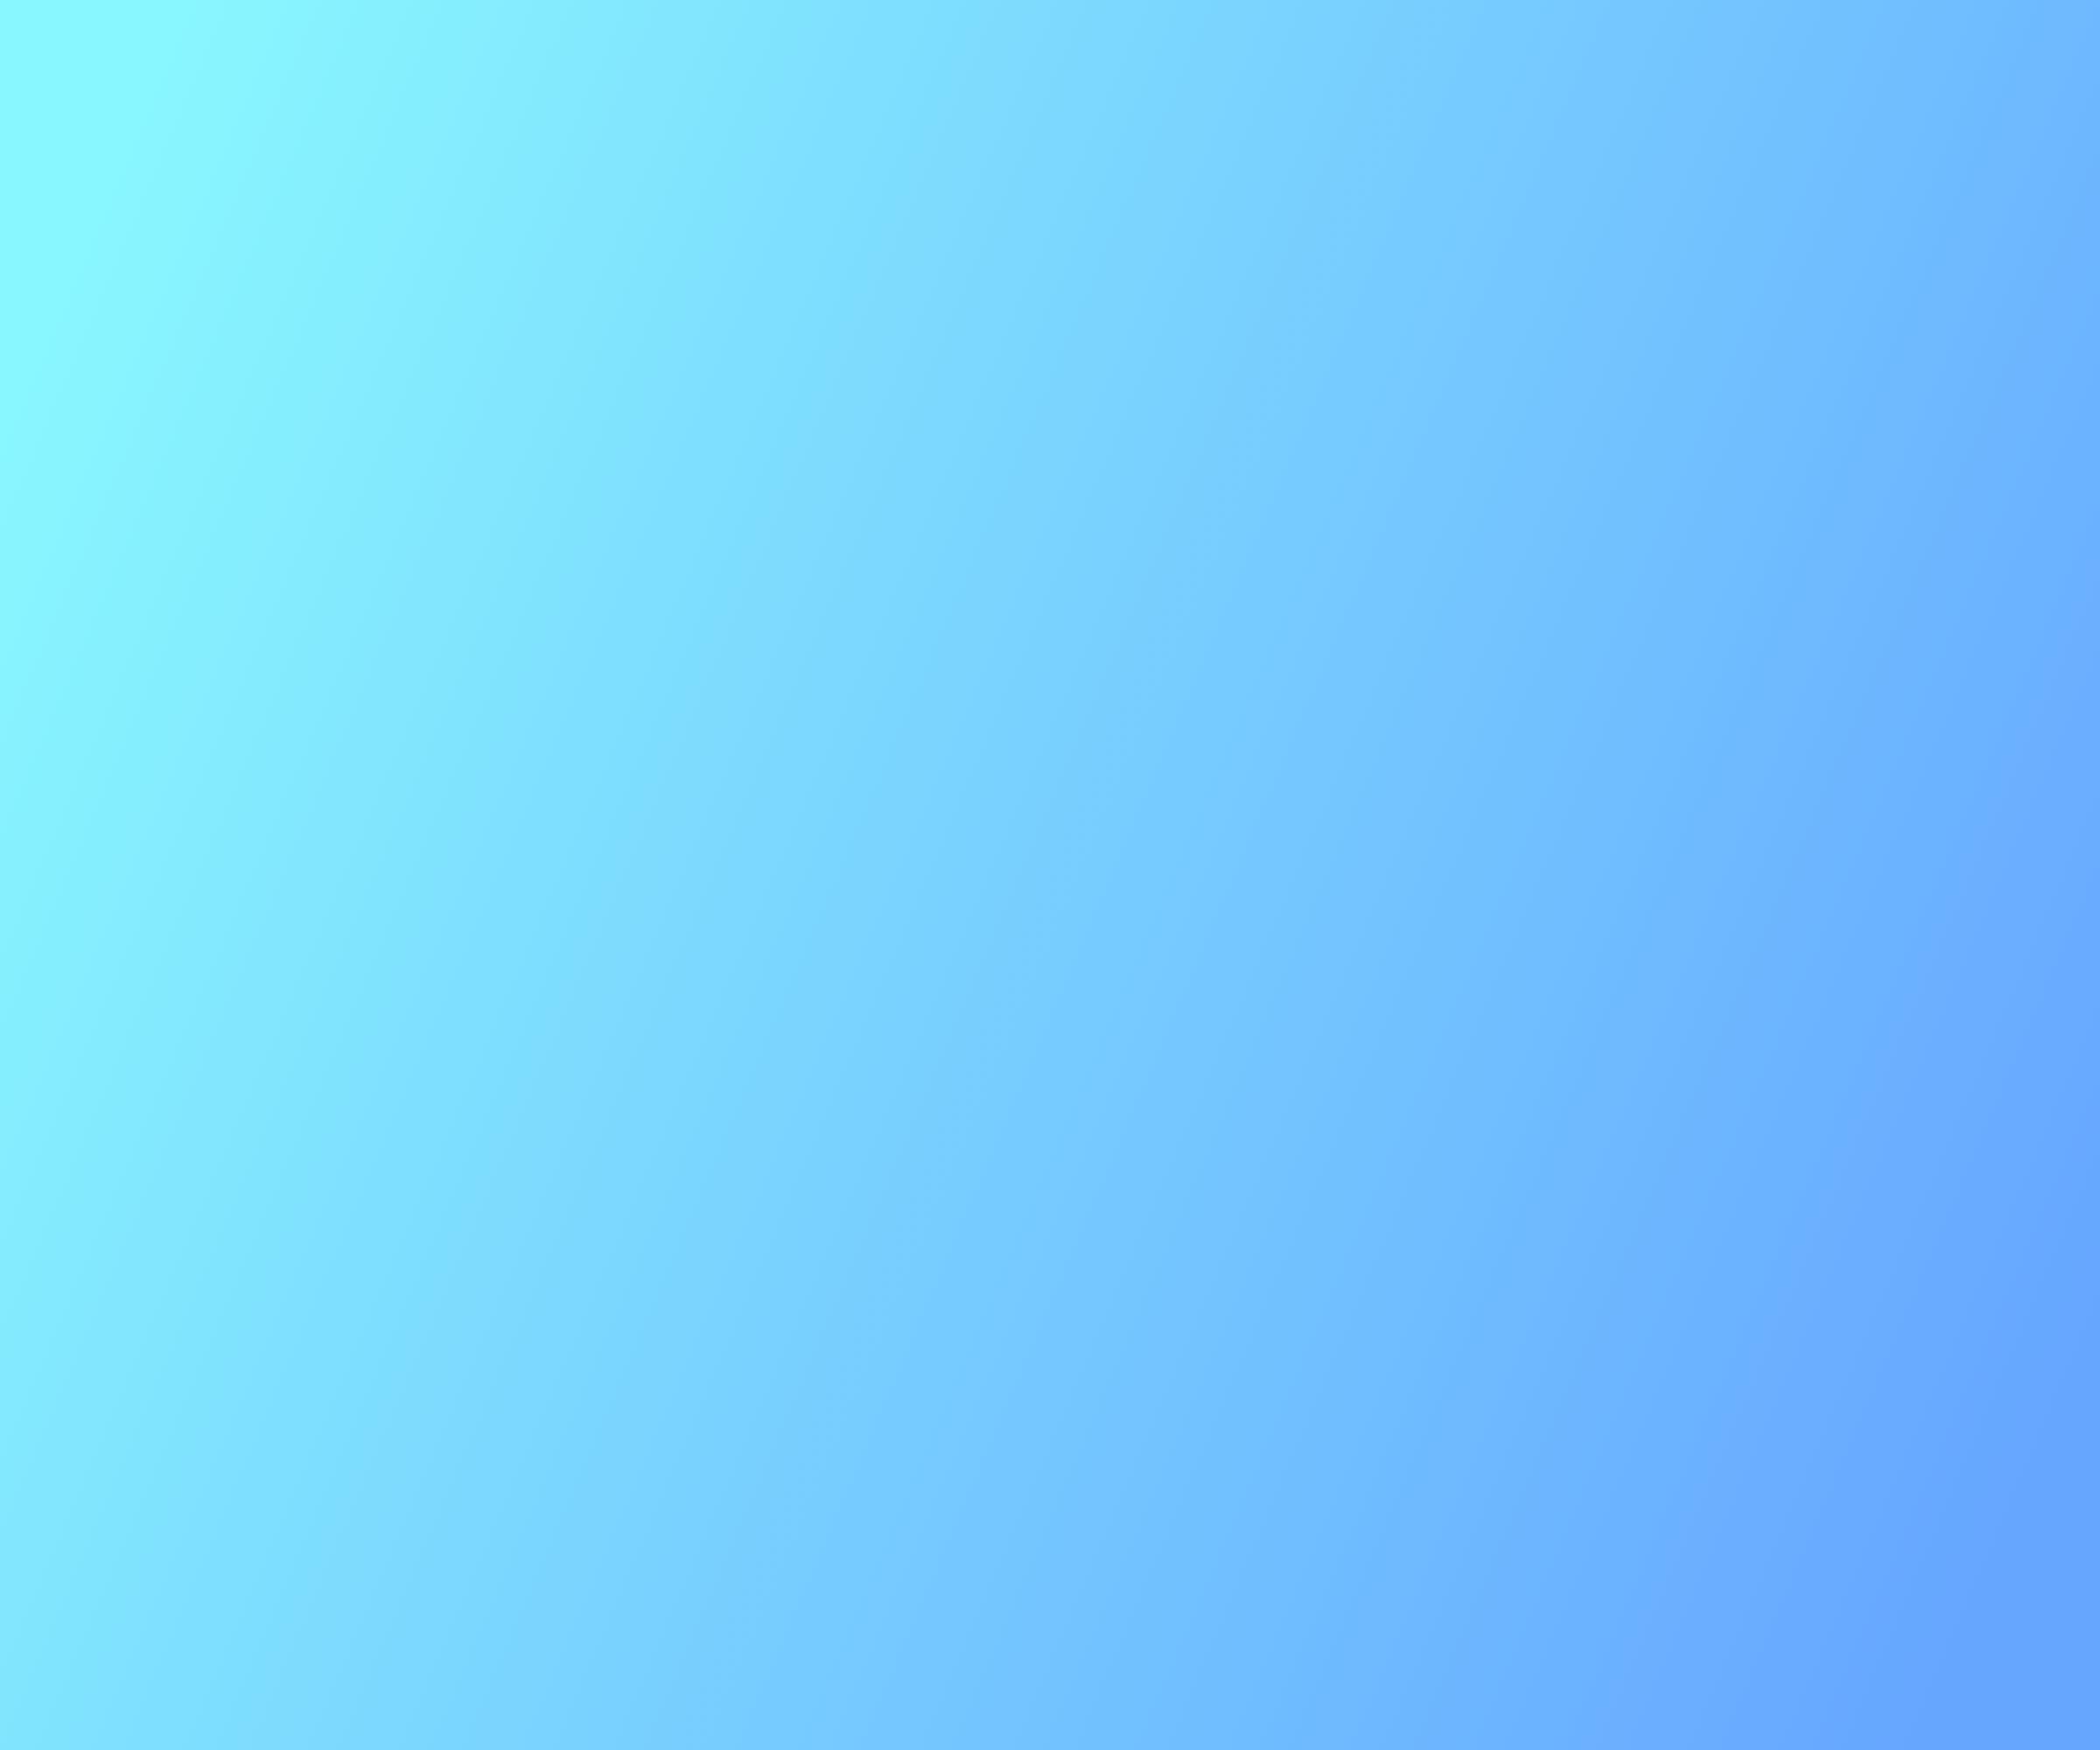 Background màu xanh cực đẹp